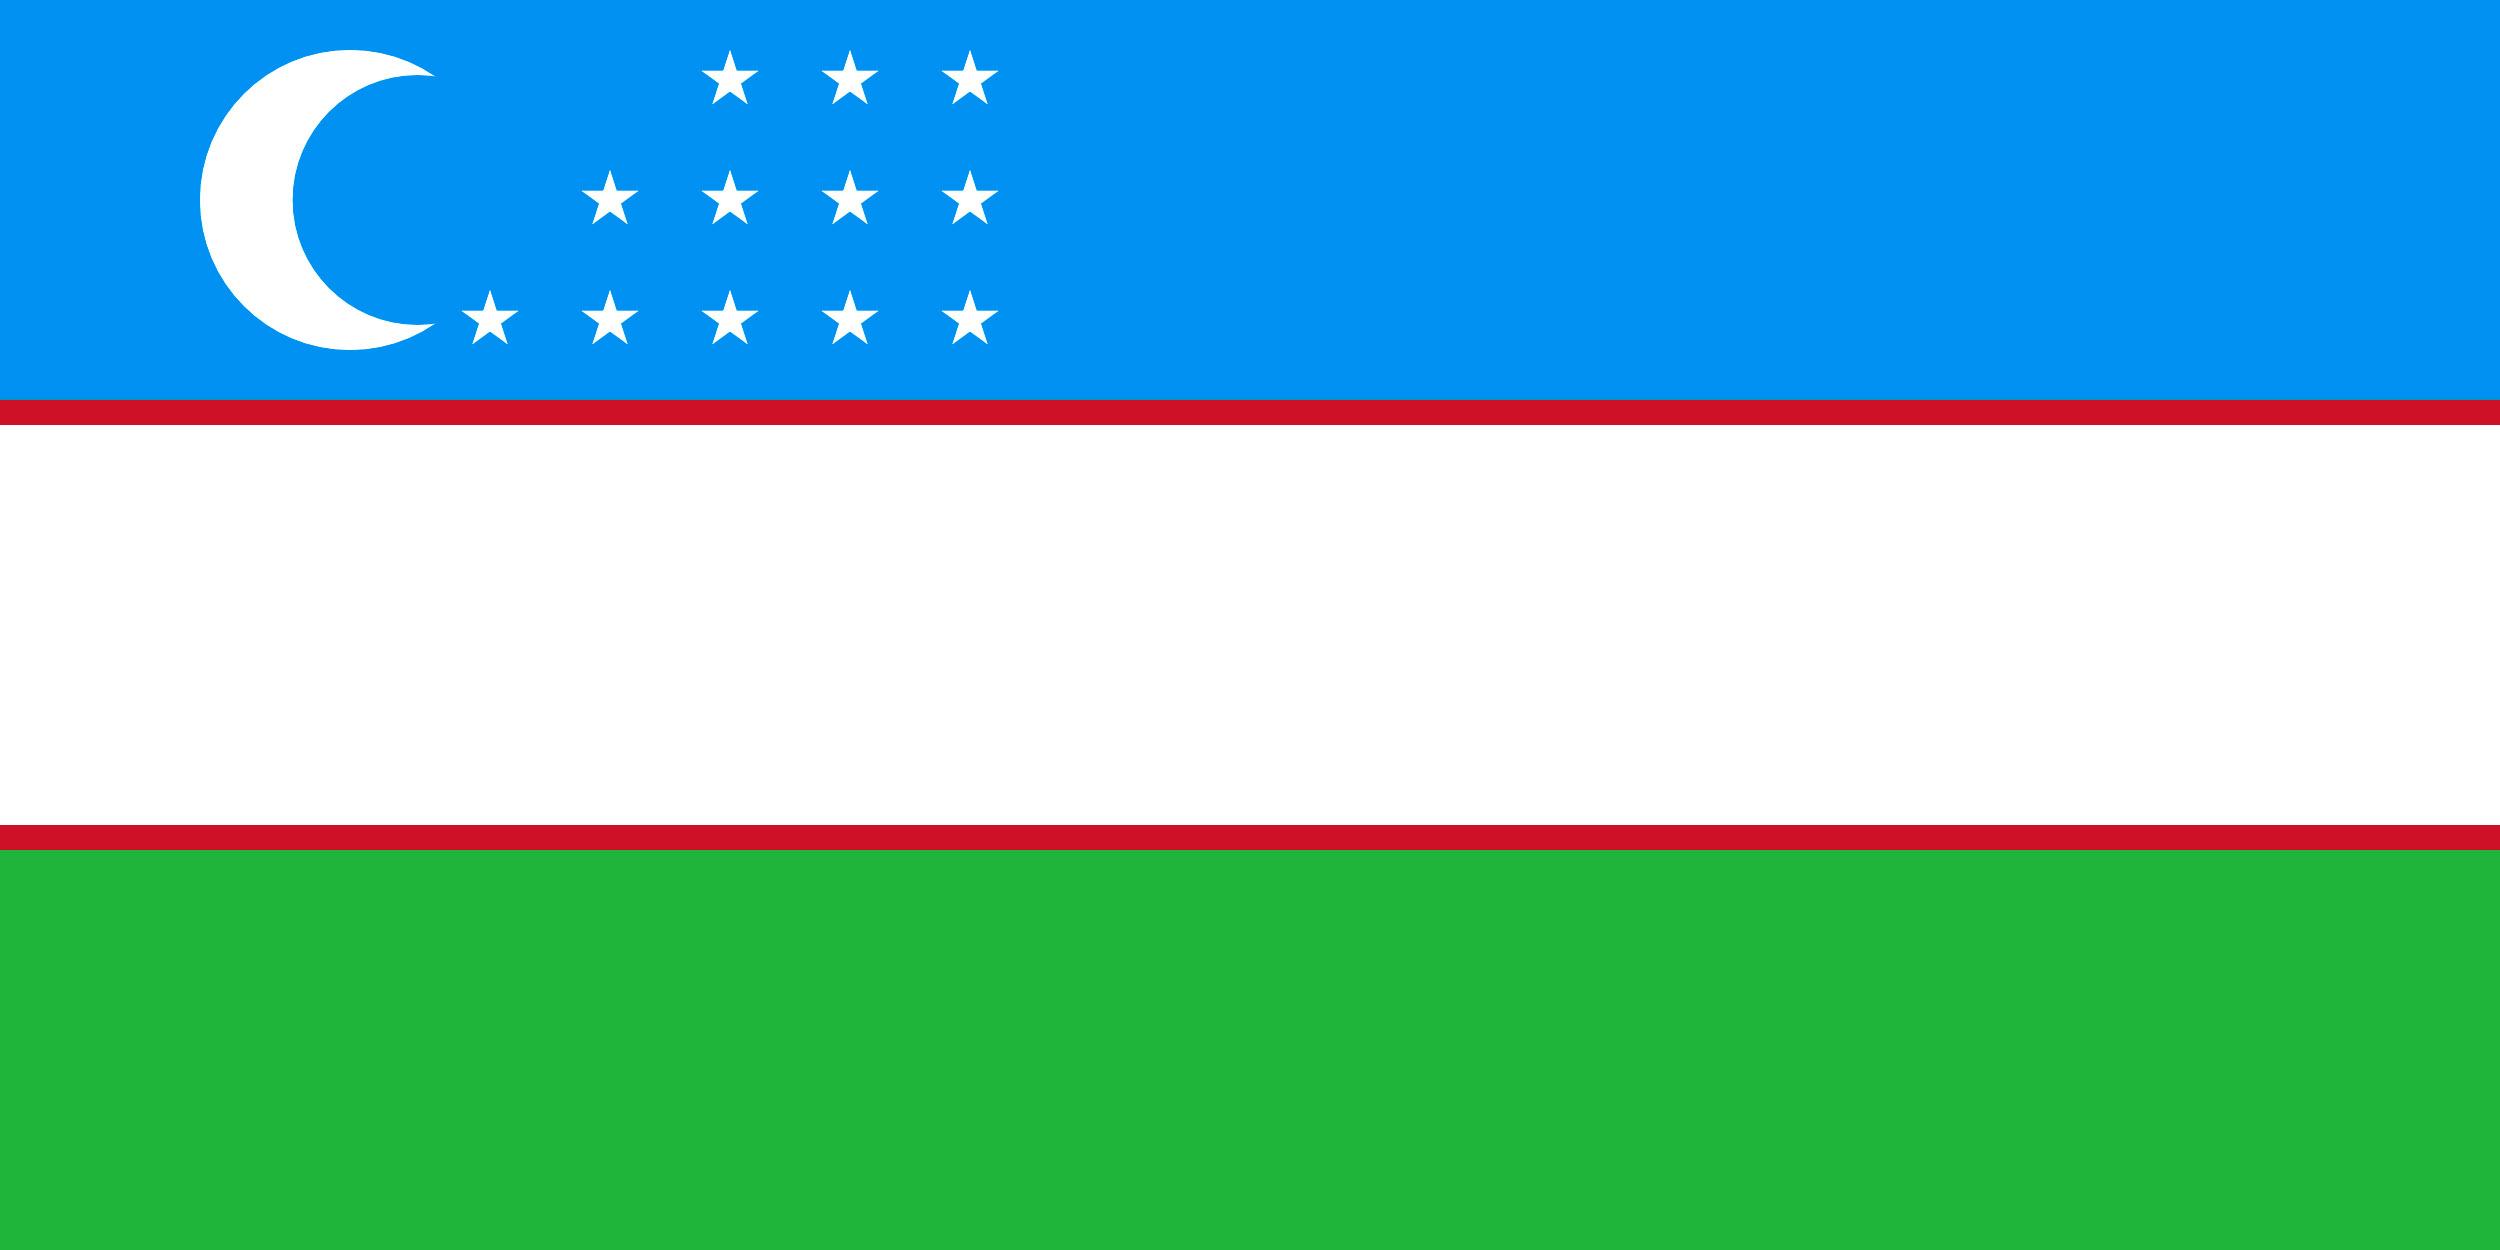 flag1 (1)AAA